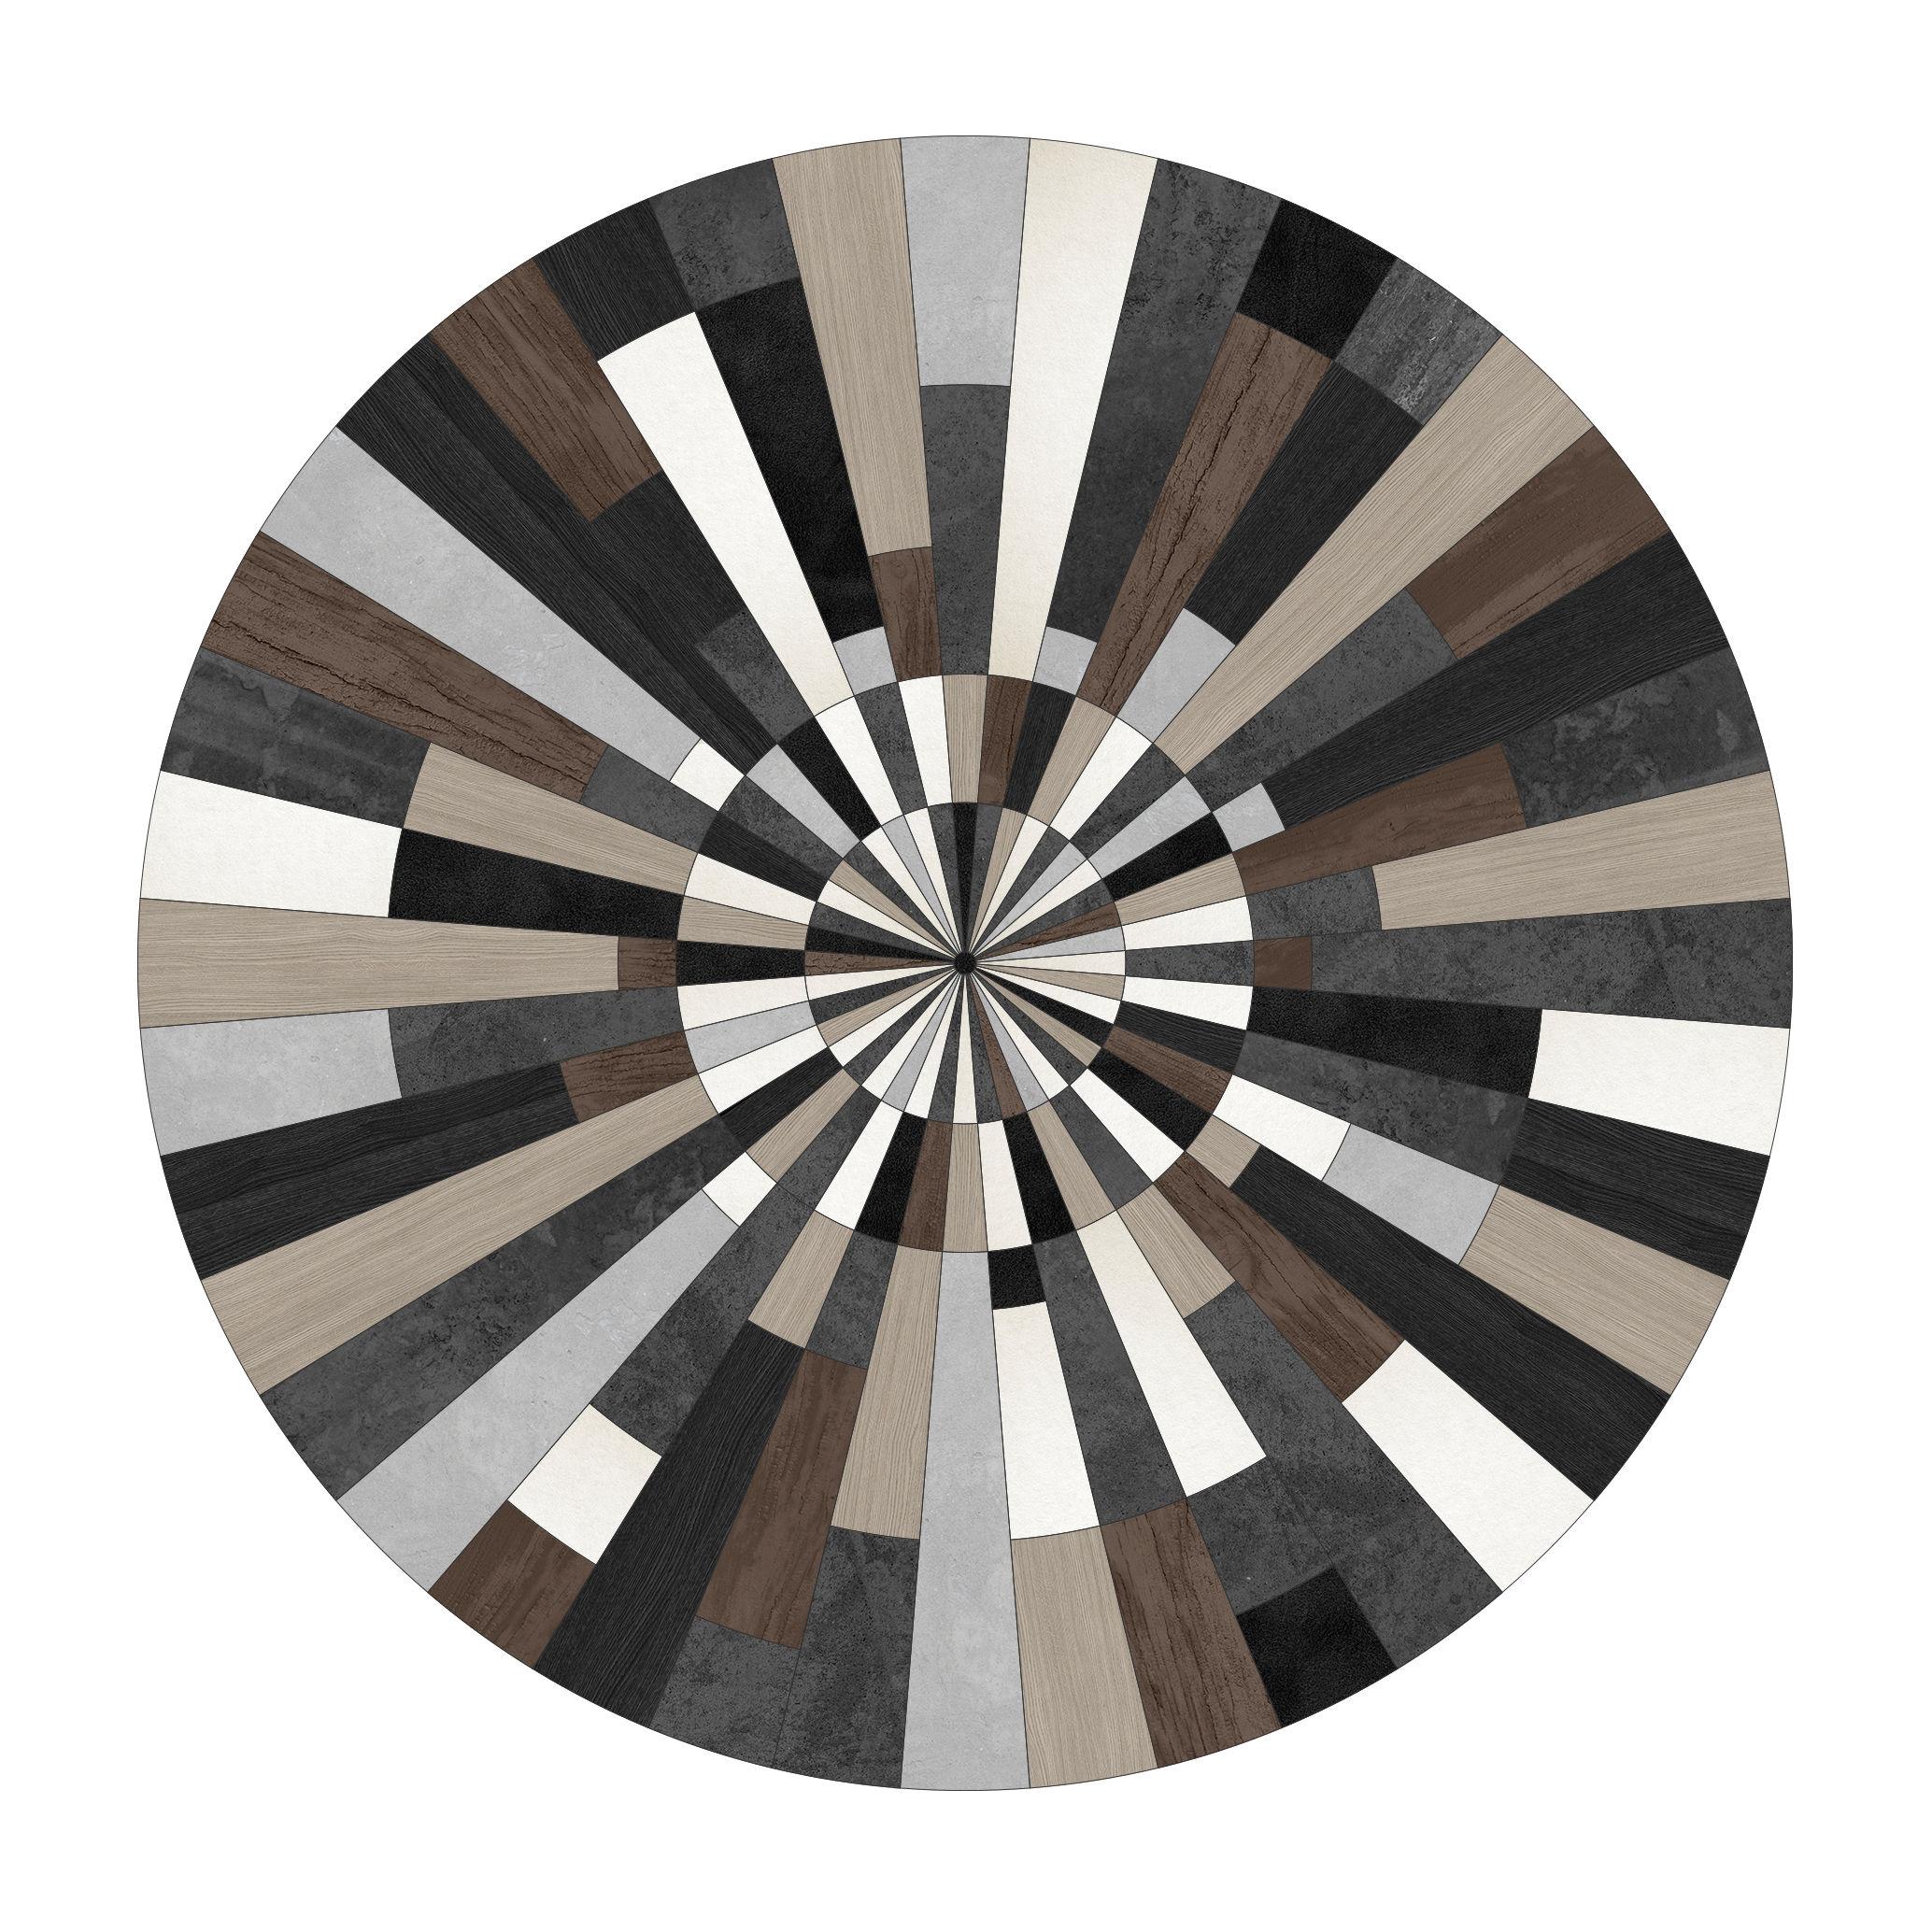 Outdoor - Decorazioni e accessori - Tappeto Fragments - / Ø 145 cm - Vinile di PÔDEVACHE - Frammenti / Beige & marrone - Vinile